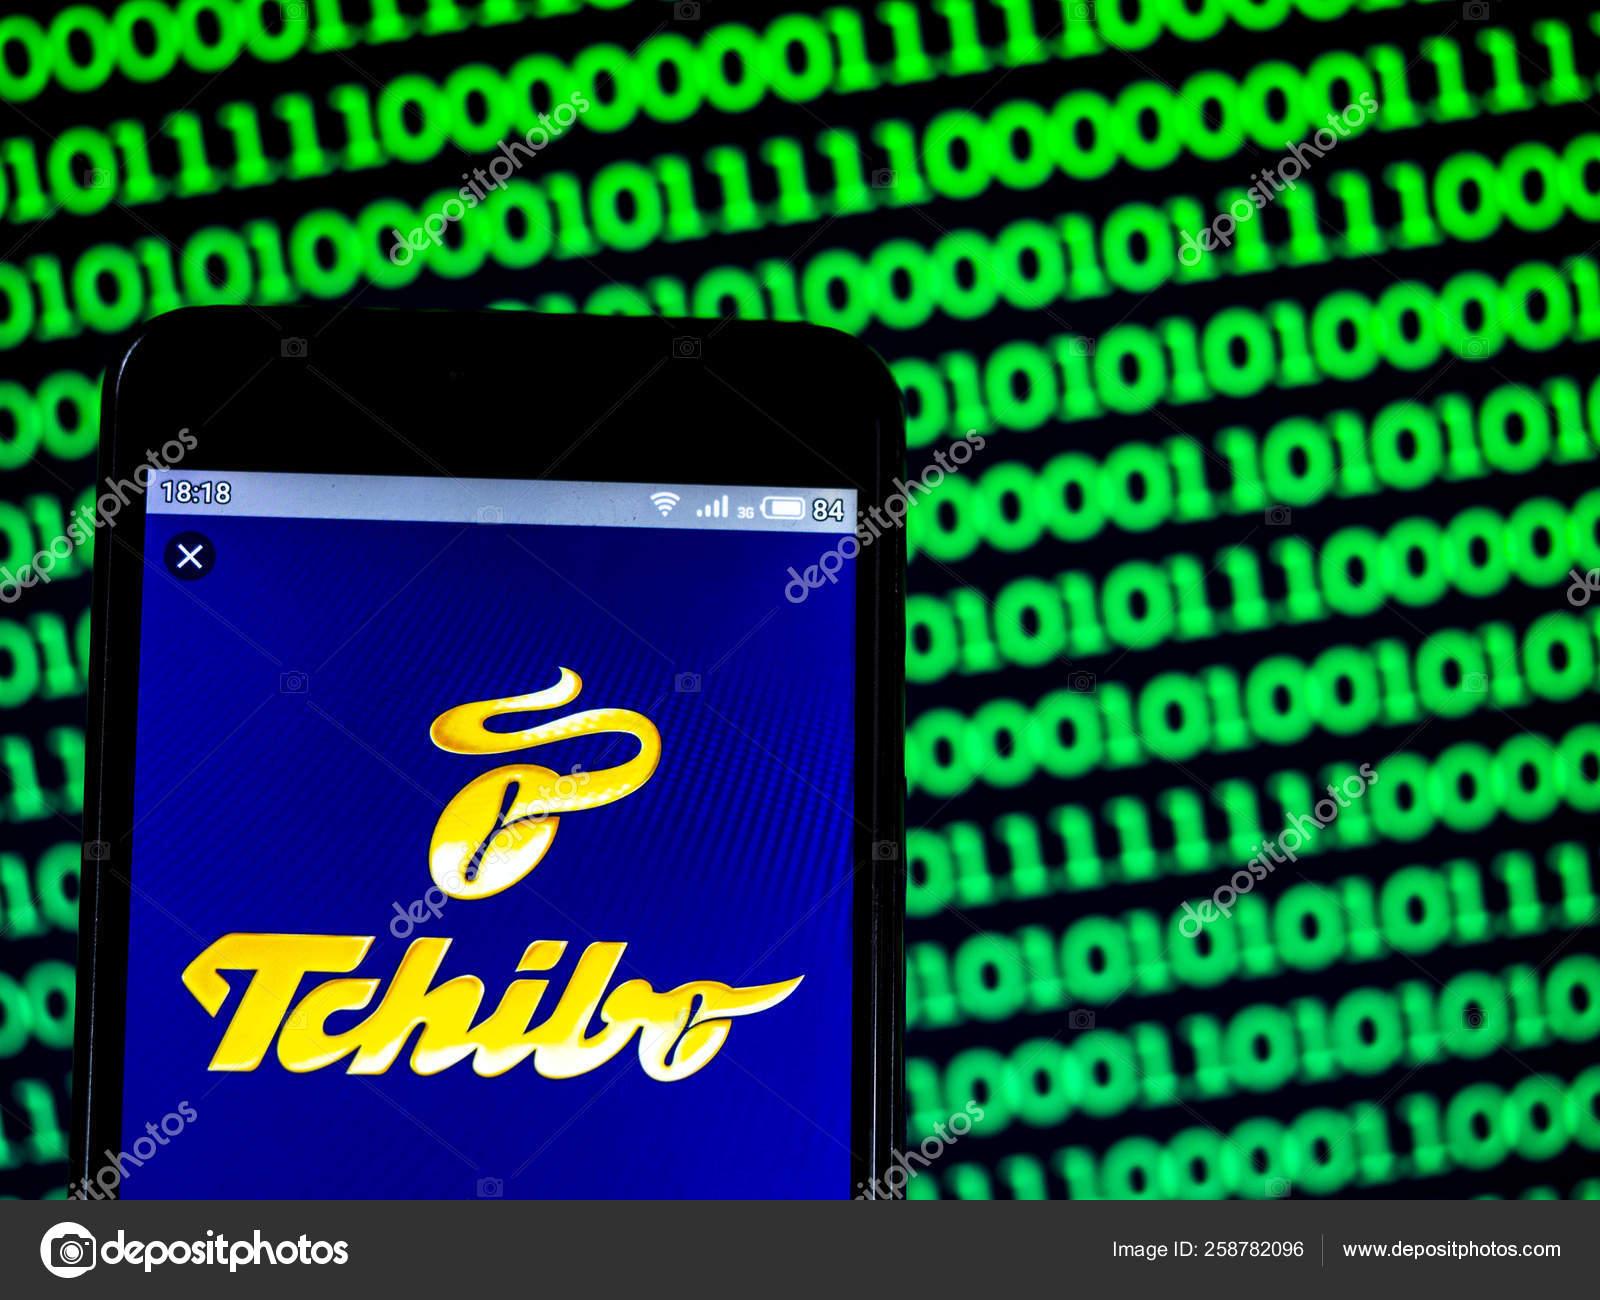 tchibo mobile login